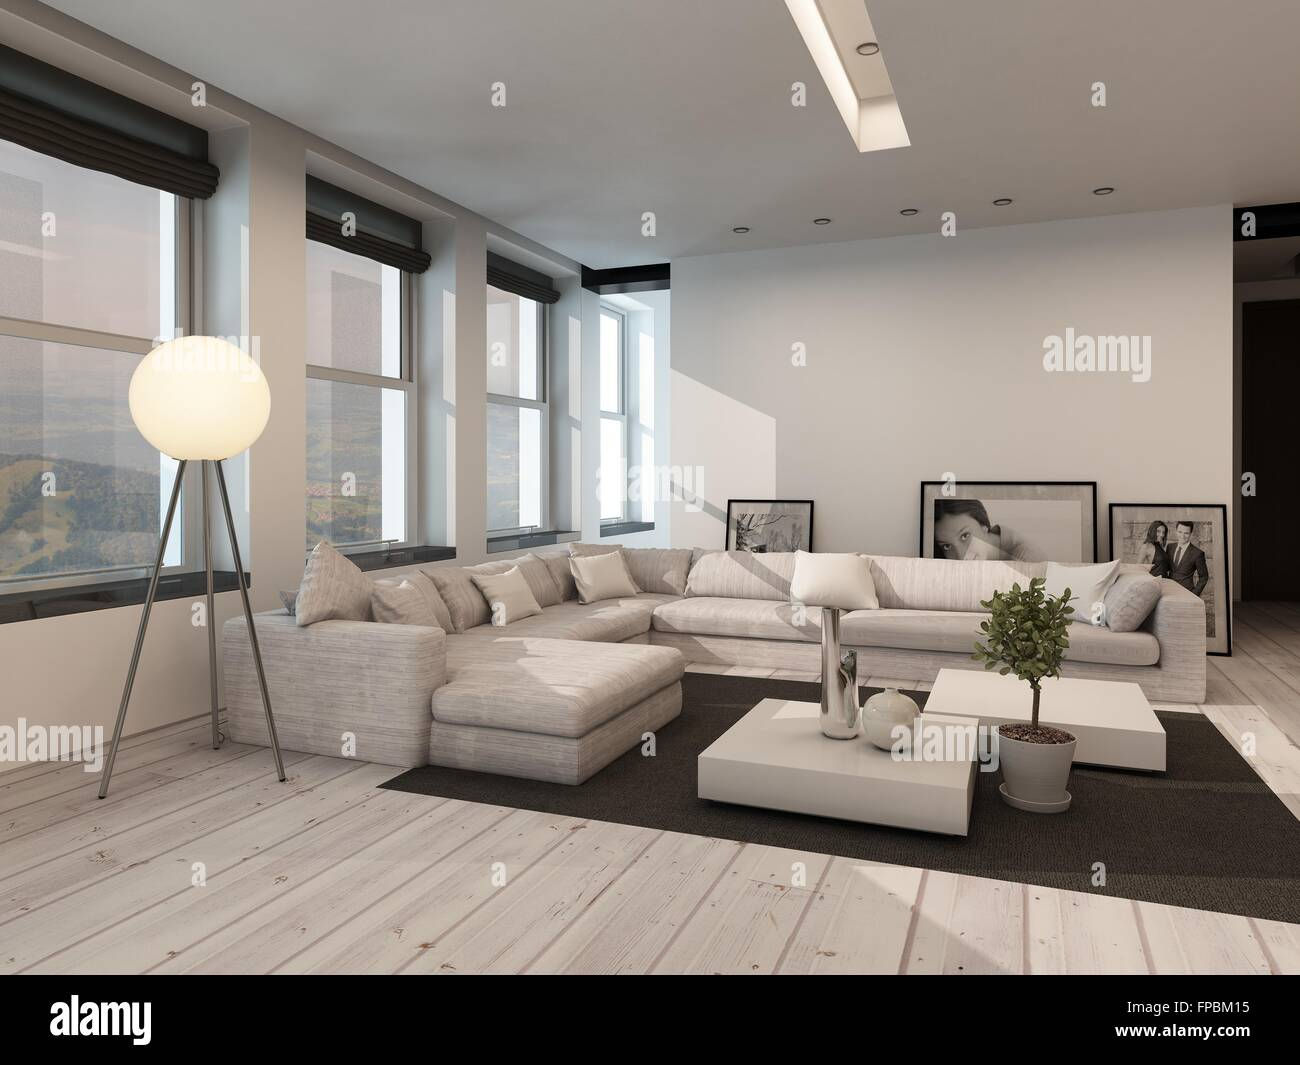 Moderne schwarz-weiß Wohnzimmer Interieur mit gemalten ...